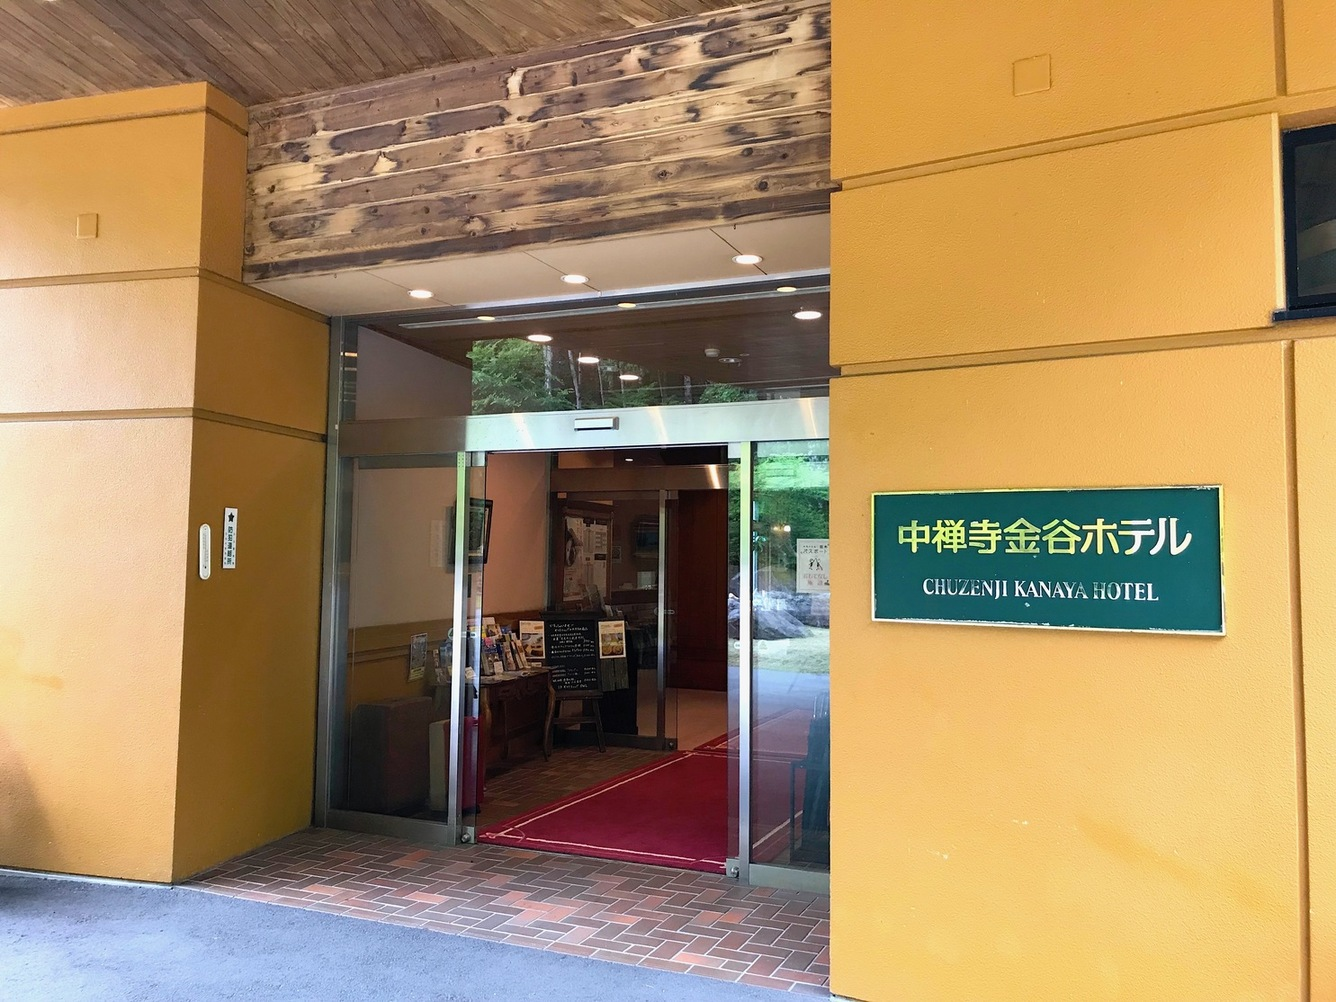 中禅寺金谷ホテル name=